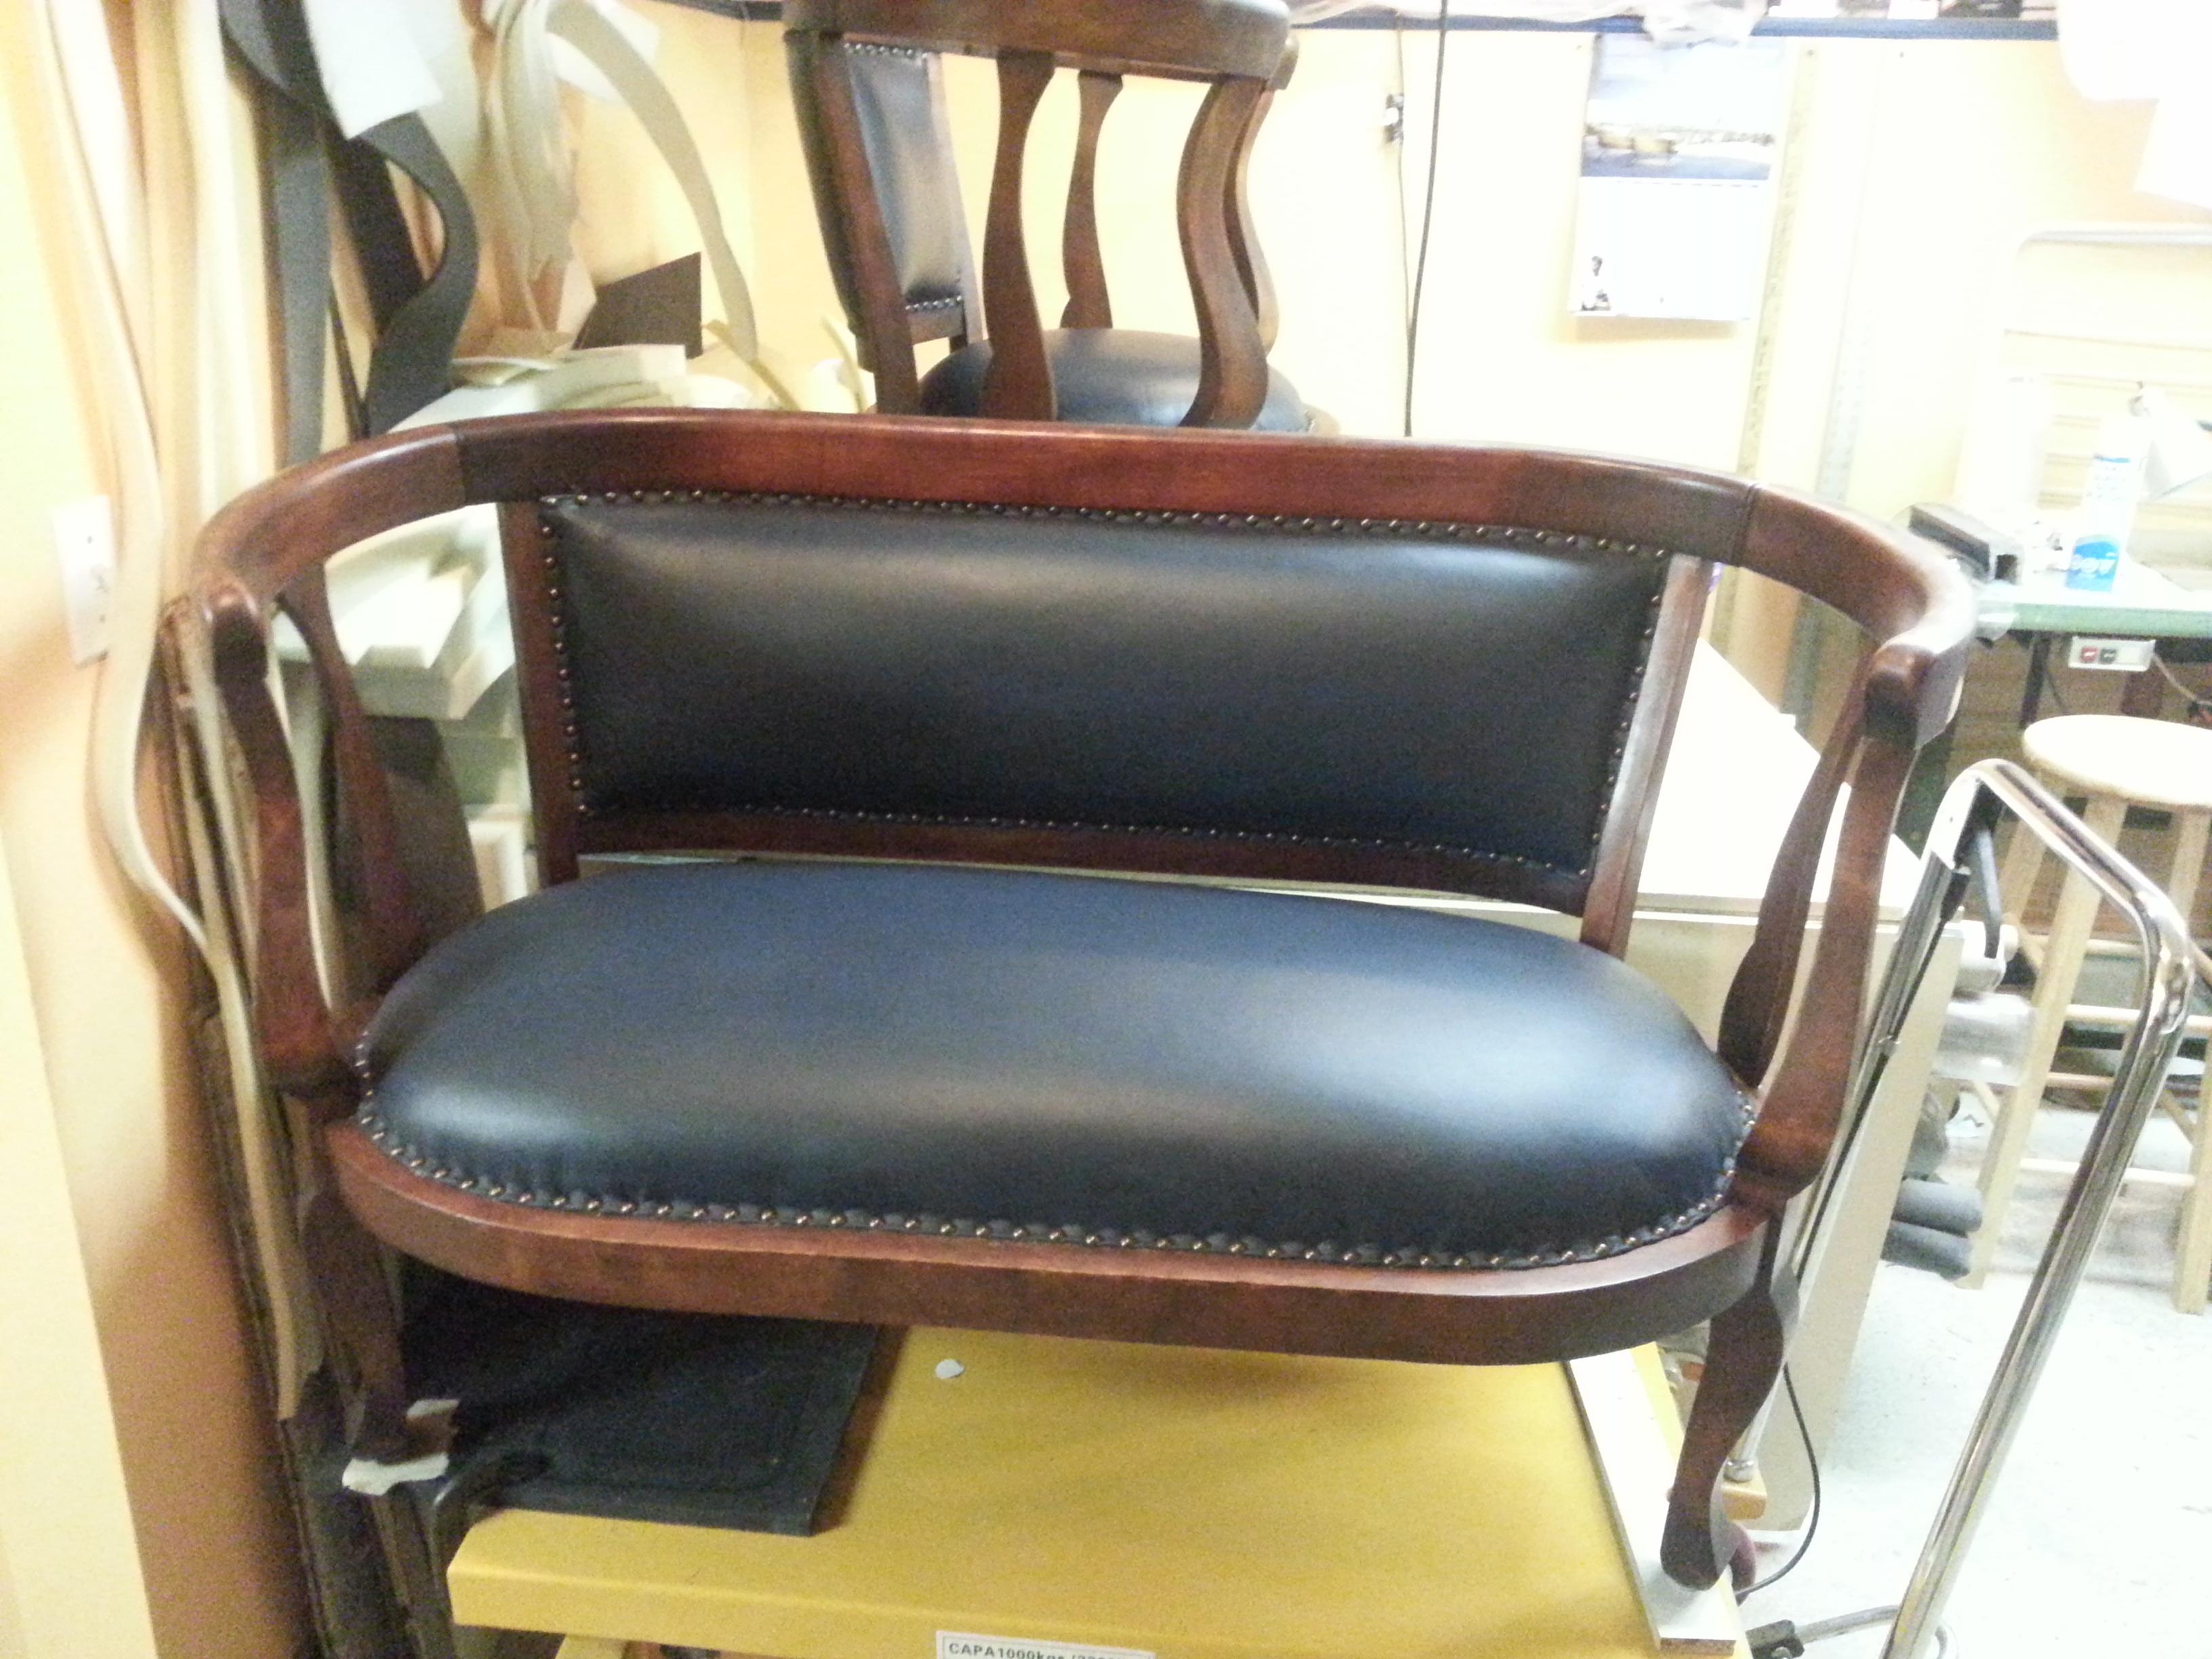 Rembourreur marc gillis rembourrage de meubles antiques for Entrepot meuble rive sud